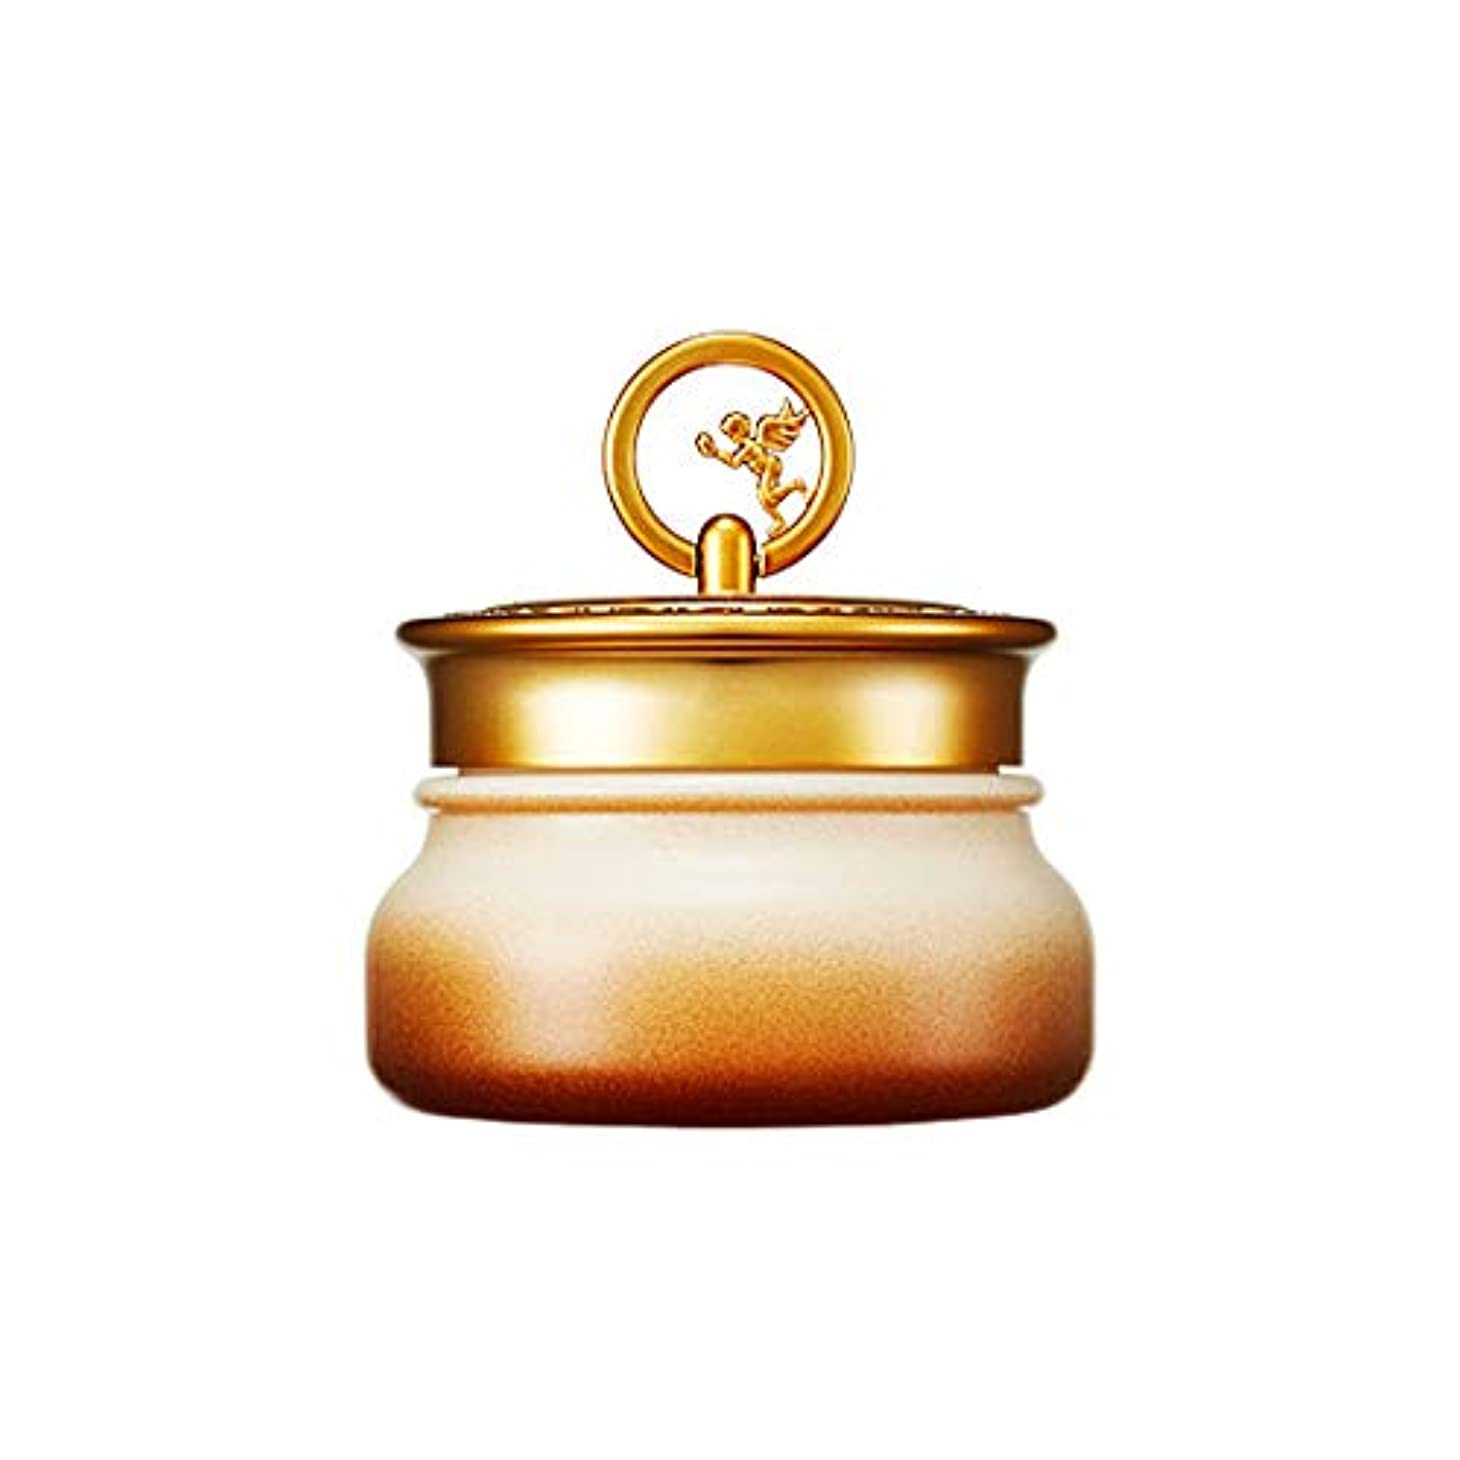 脅迫やめる精神Skinfood ゴールドキャビアクリーム(しわケア) / Gold Caviar Cream (wrinkle care) 45g [並行輸入品]